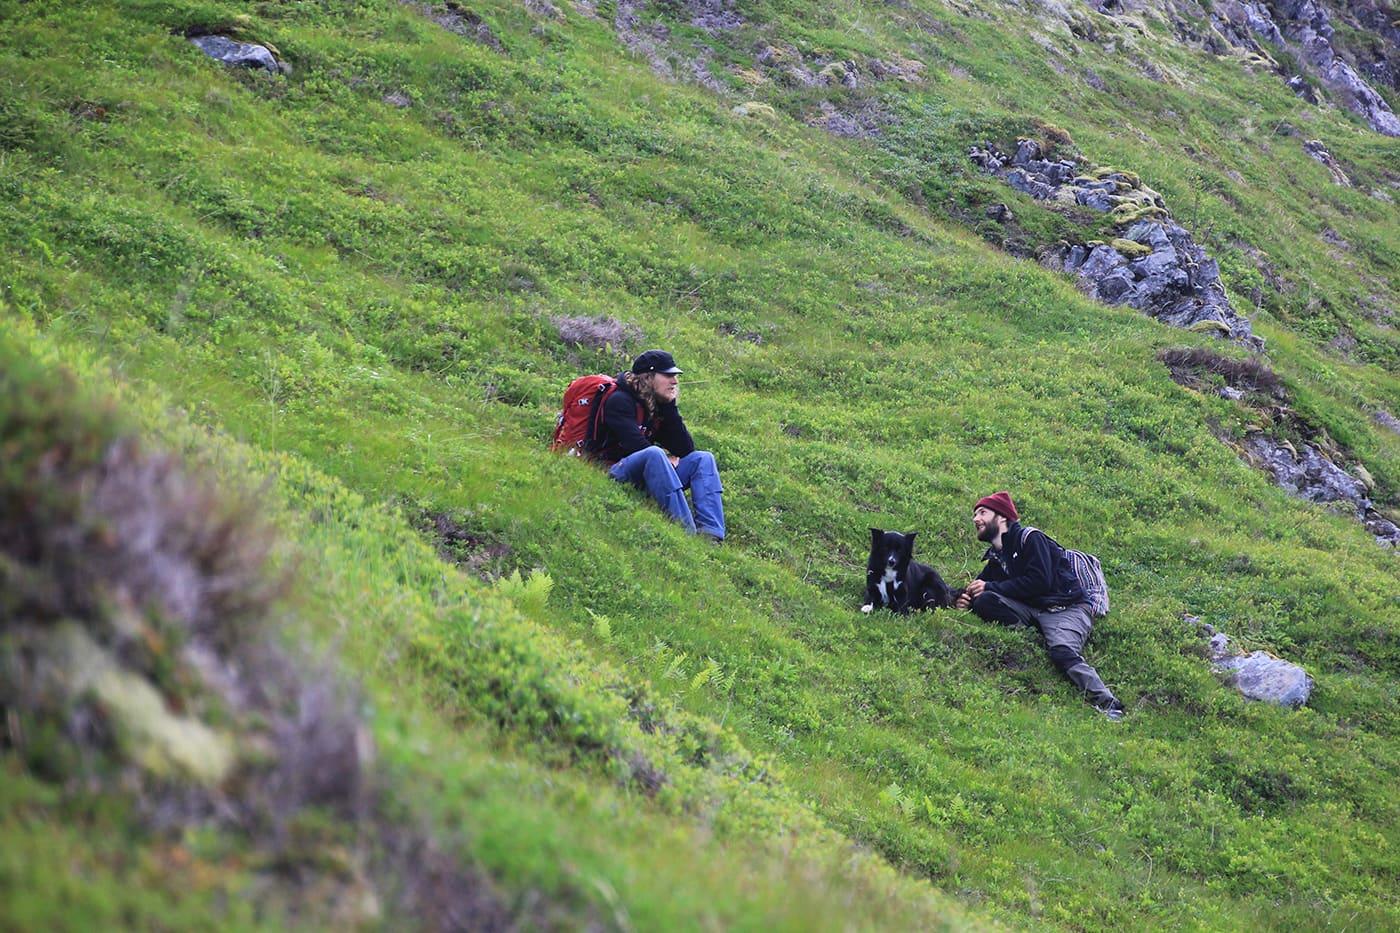 Siste bilde med kameraet før det seilte nedover fjellsiden.